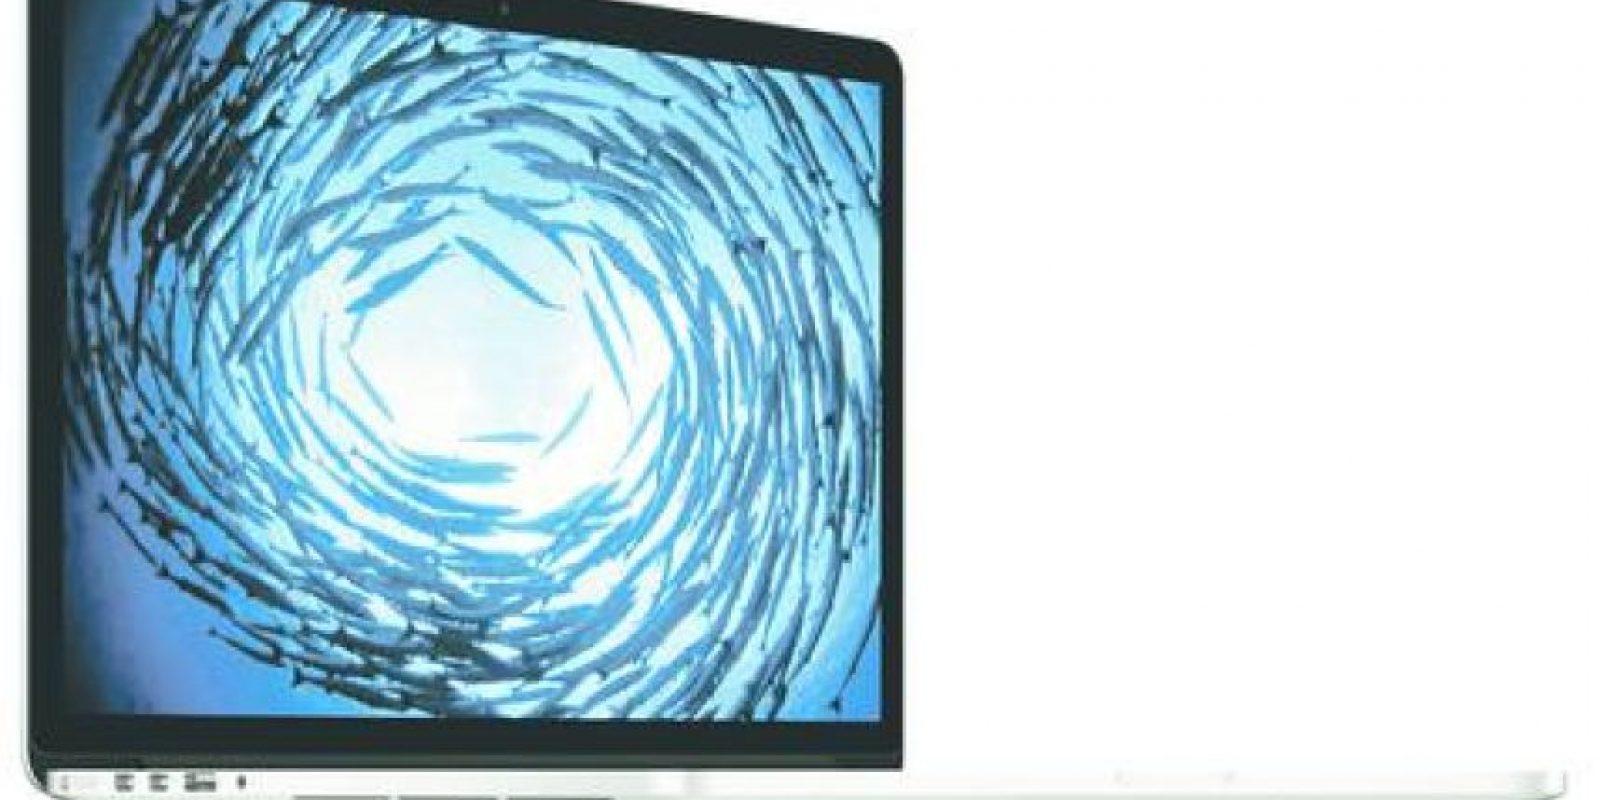 6- MacBook: papá de negocios. Es el regalo ideal para los ejecutivos. Es un computador delgado y liviano. Cada componente del equipo ha sido meticulosamente rediseñado para crear un dispositivo que pesa menos de un kilo y tiene sólo 13.1 mm de grosor.Incluye una pantalla retina de 12 pulgadas y con sólo 0.88 mm de grosor, es completamente de metal, con una nueva estructura unibody y antenas de wifi integradas.Cuenta con un puerto USB-C compacto para transferencia de datos, salida de video y carga en un solo conector; y un nuevo diseño de batería con un 35 % más de capacidad que la que sería posible con las celdas de las baterías tradicionales, para ofrecer hasta nueve horas de navegación web inalámbrica y hasta 10 horas de reproducción de películas. Foto:Fuente externa